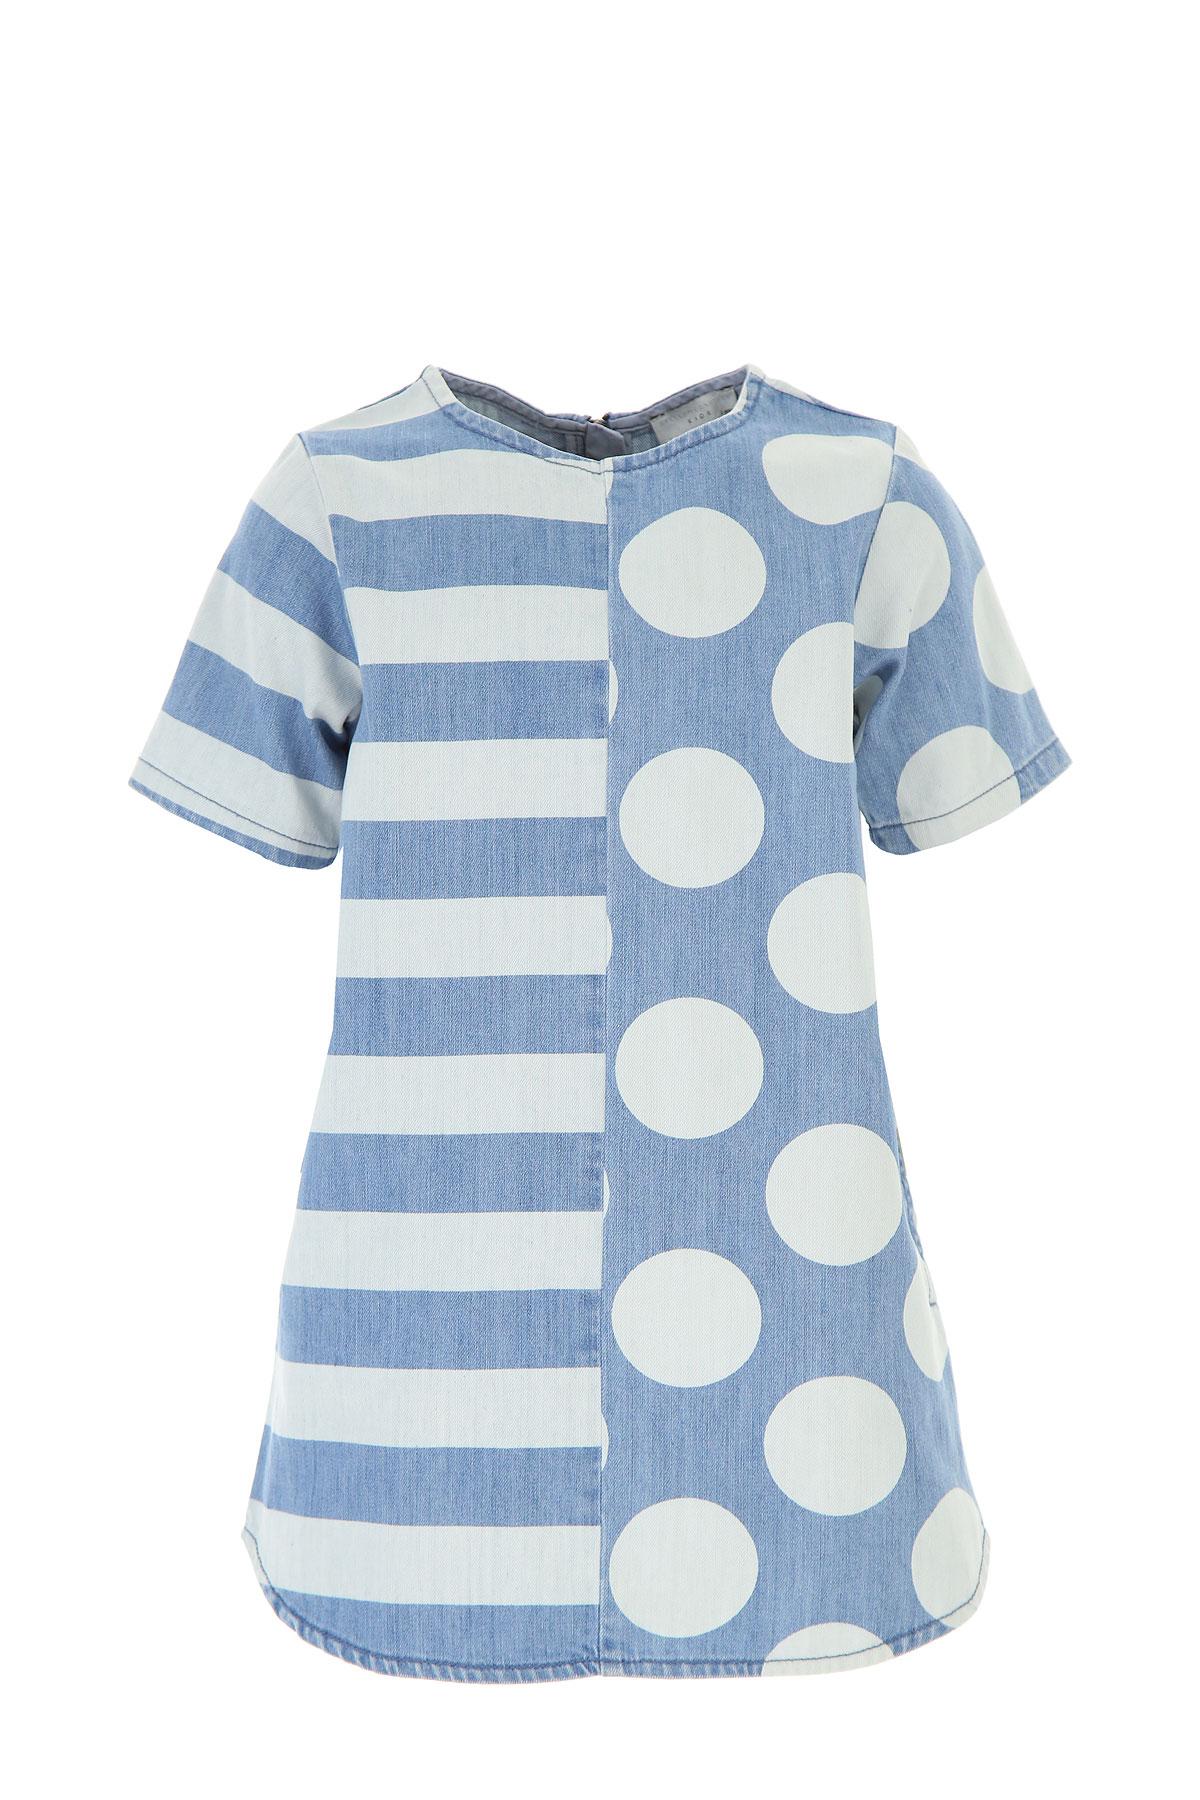 Stella McCartney Girls Dress On Sale, Blue Denim, Cotton, 2017, 10Y 2Y 4Y 8Y USA-446119